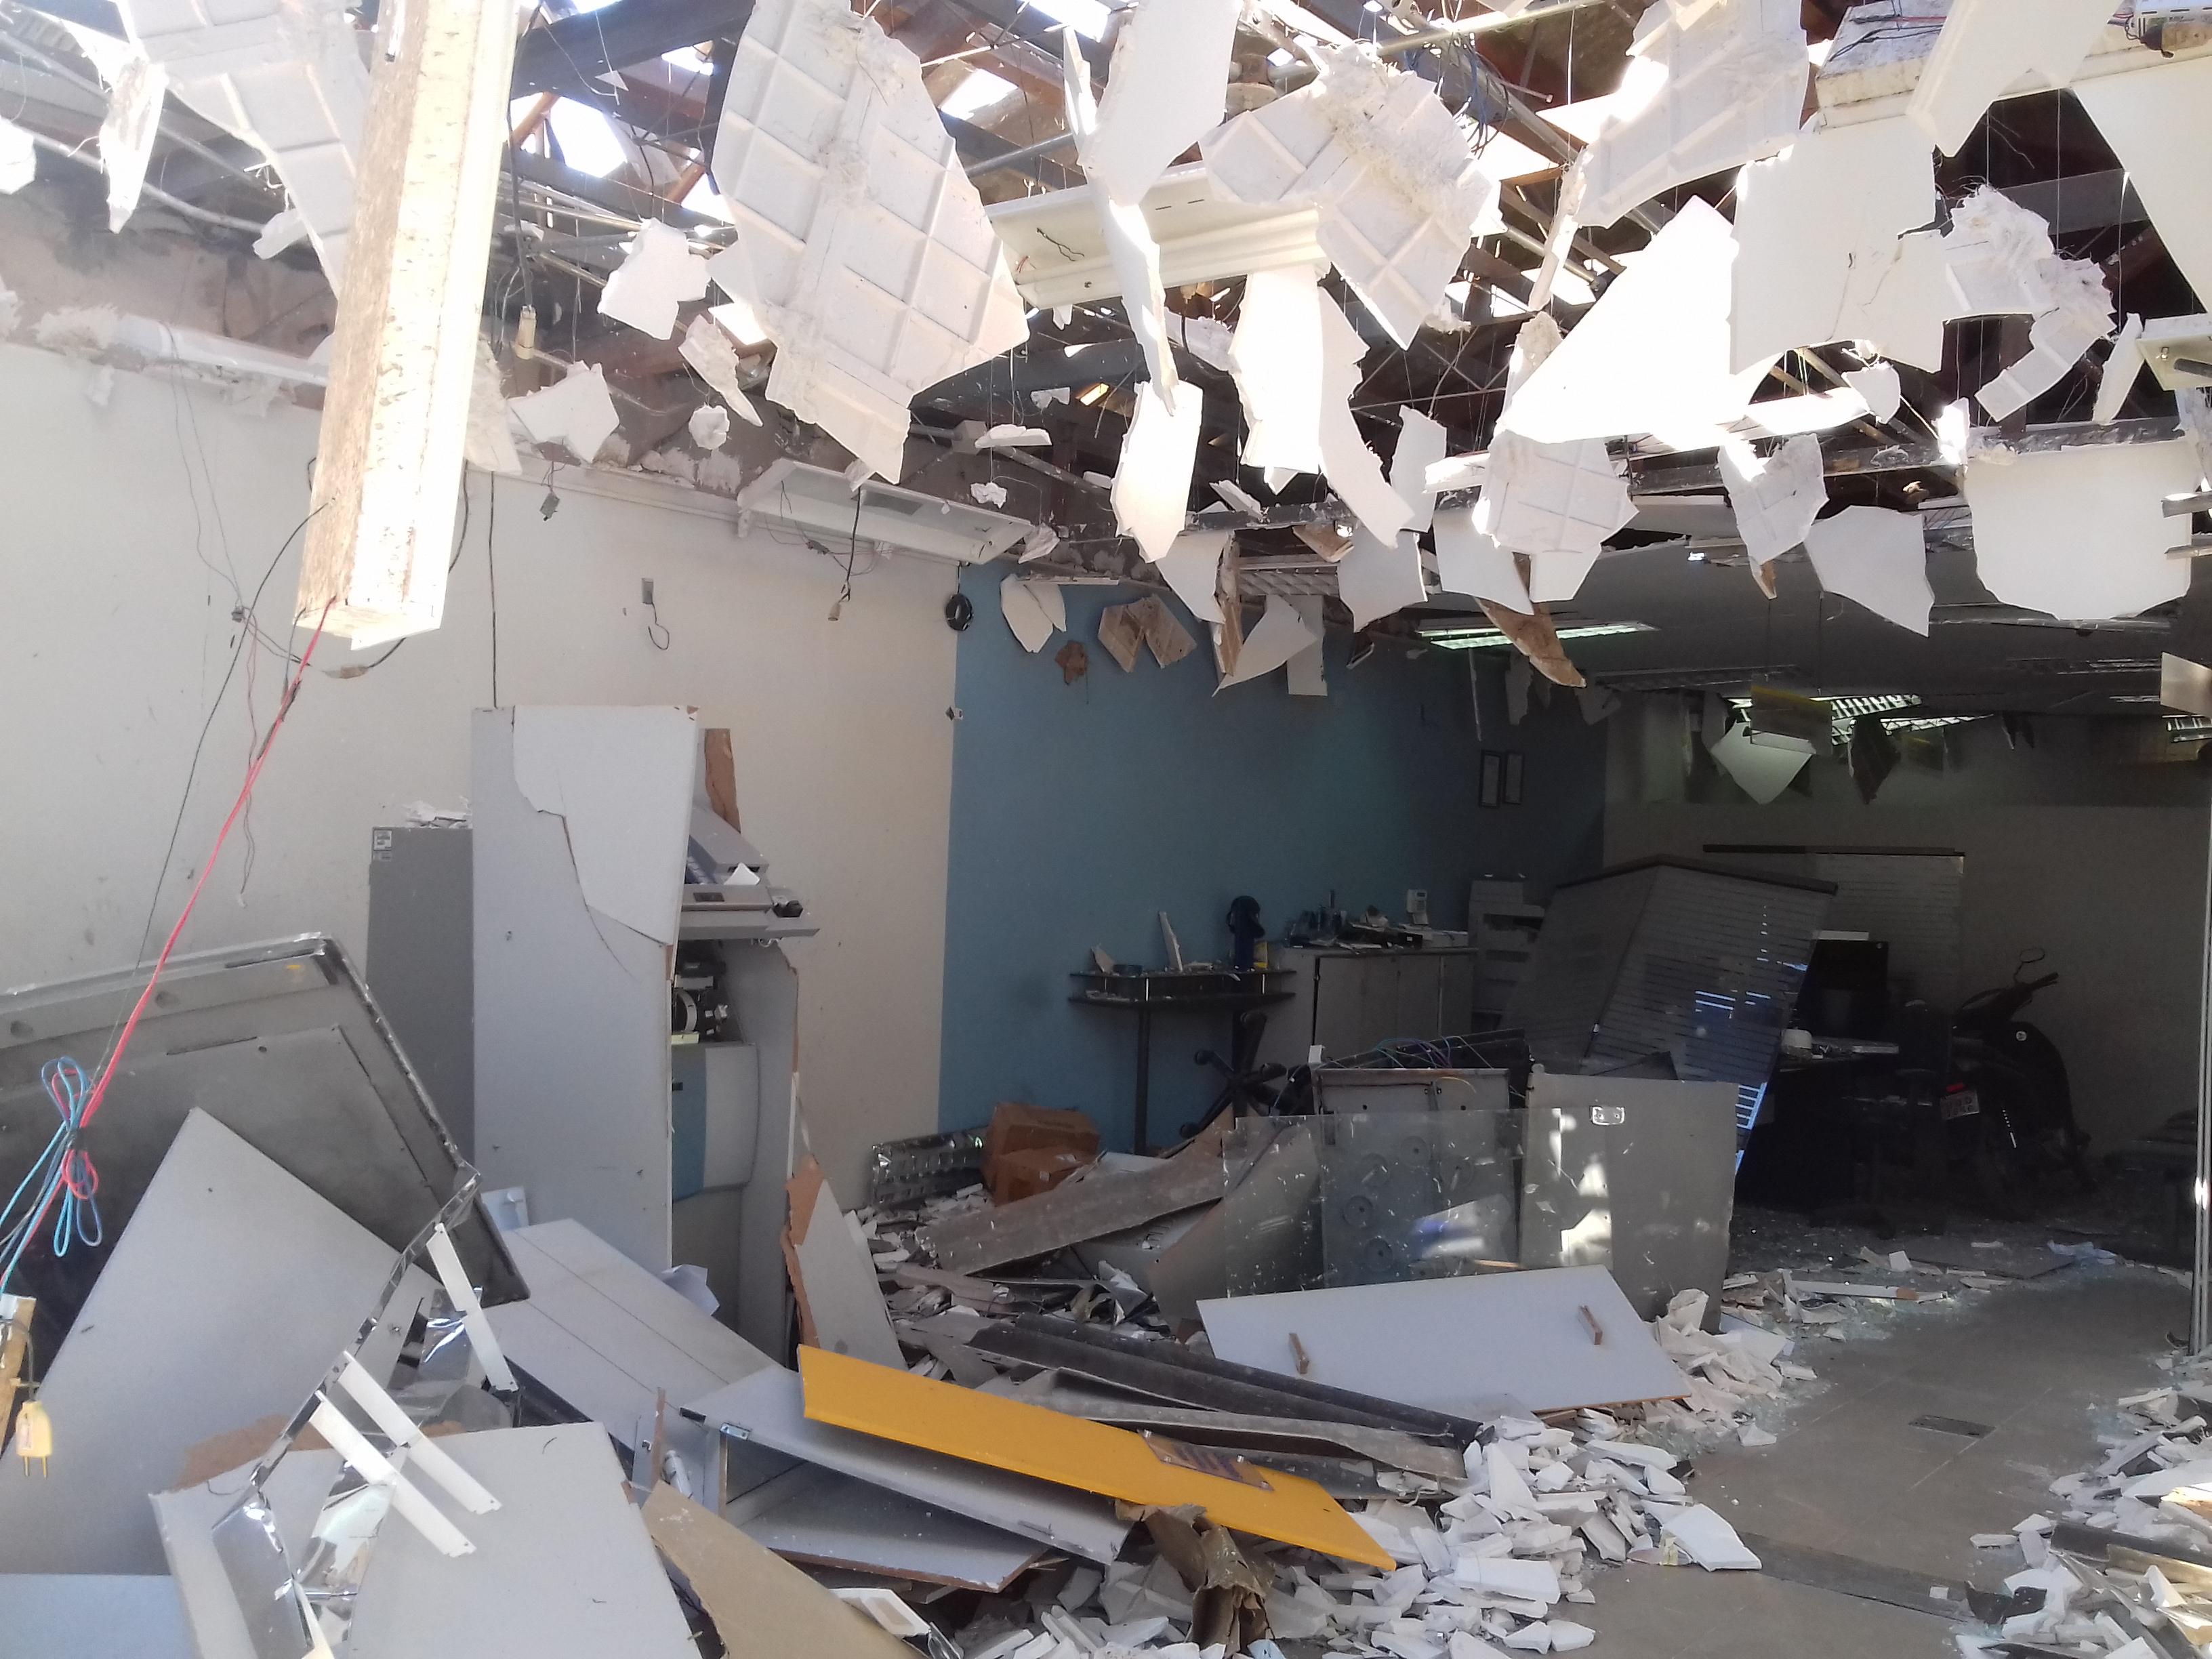 Agência do BB em Paraibano após as explosões. Foto:Leo Lasan